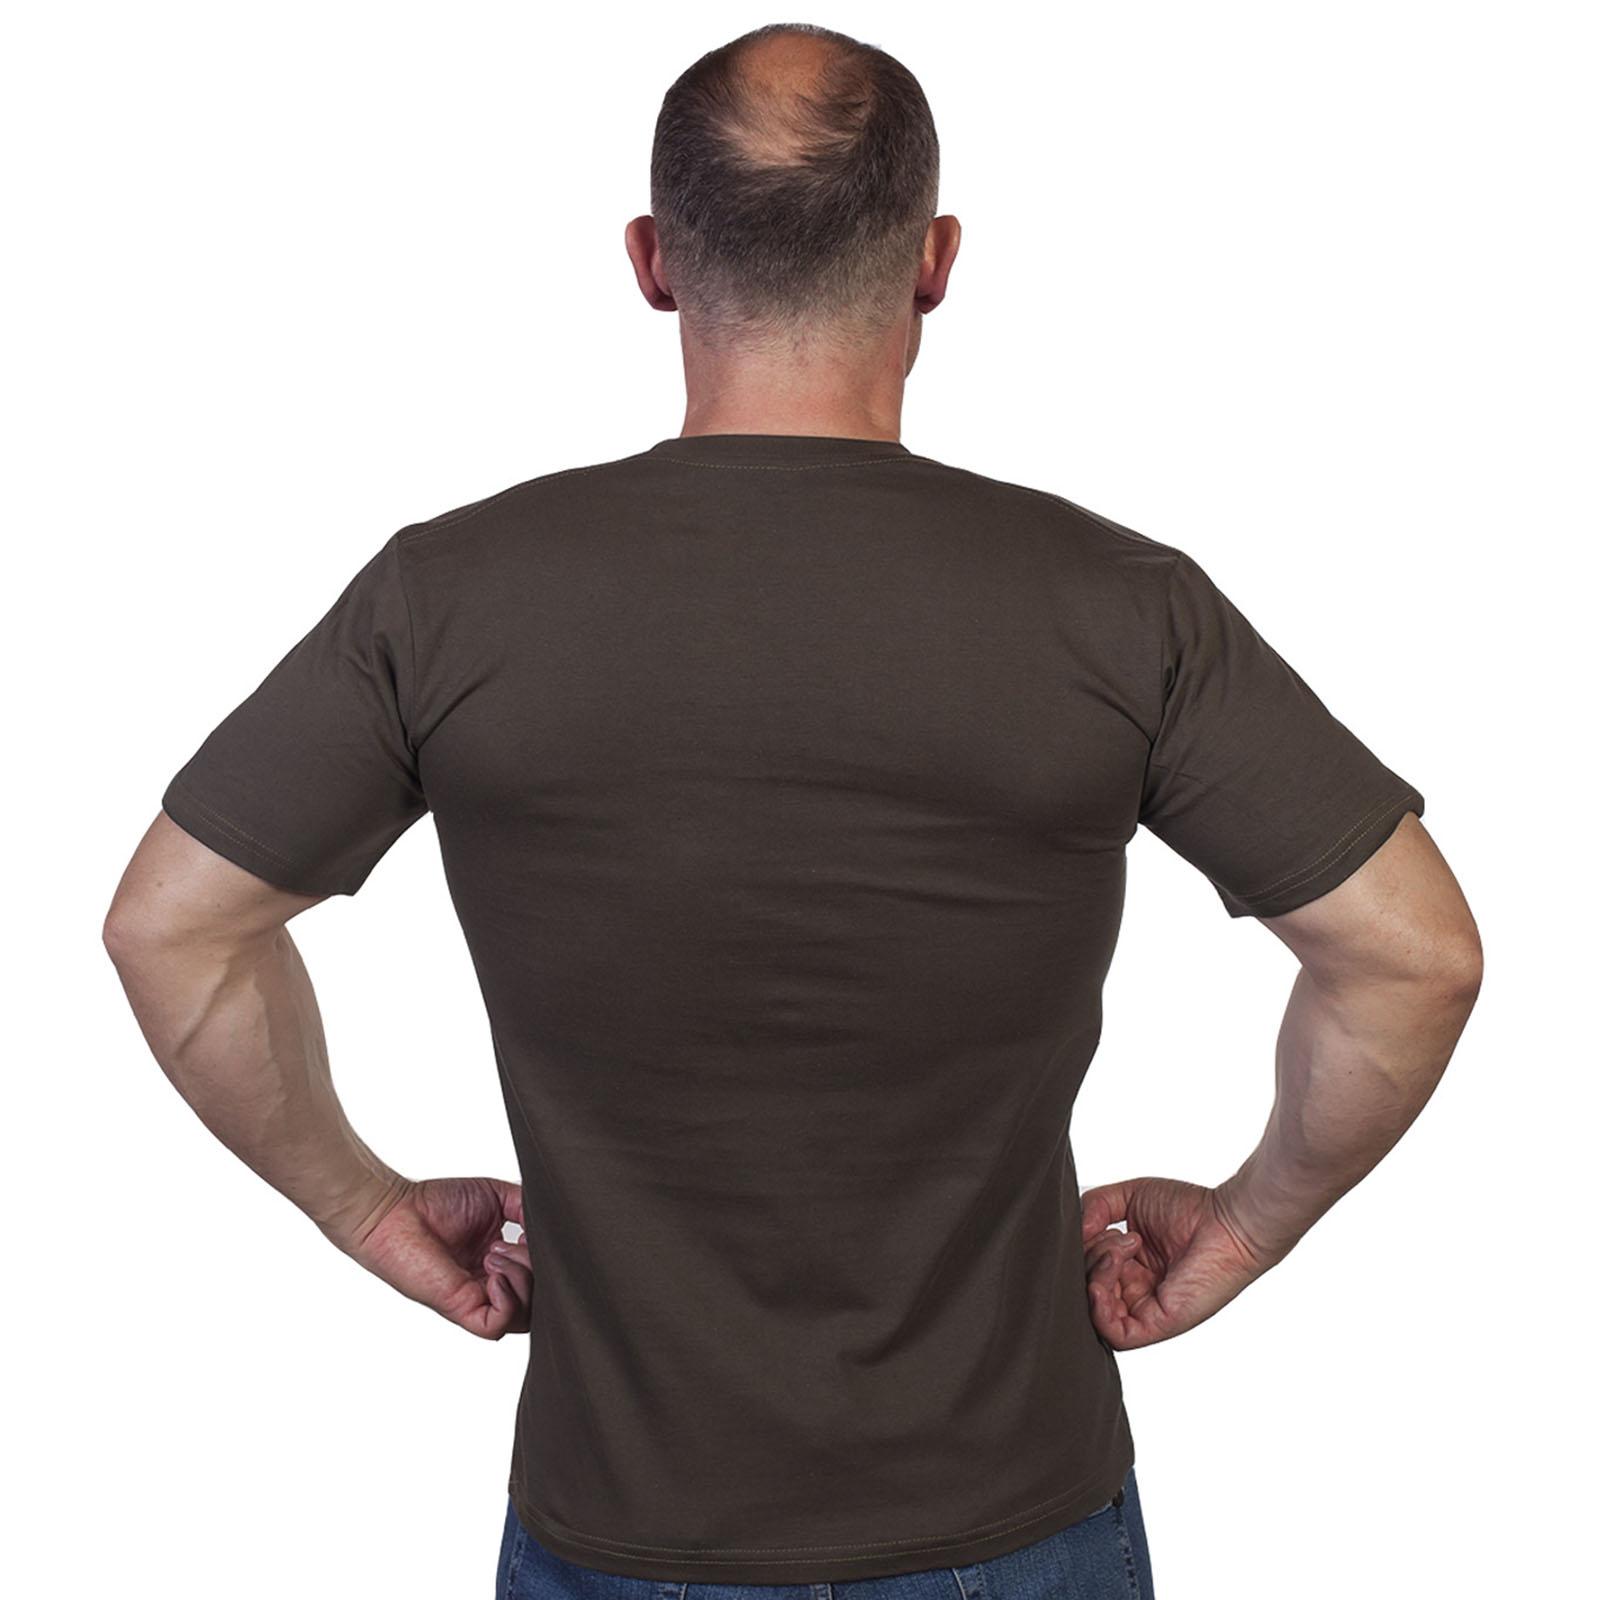 Мужская армейская футболка оливковая - купить недорого